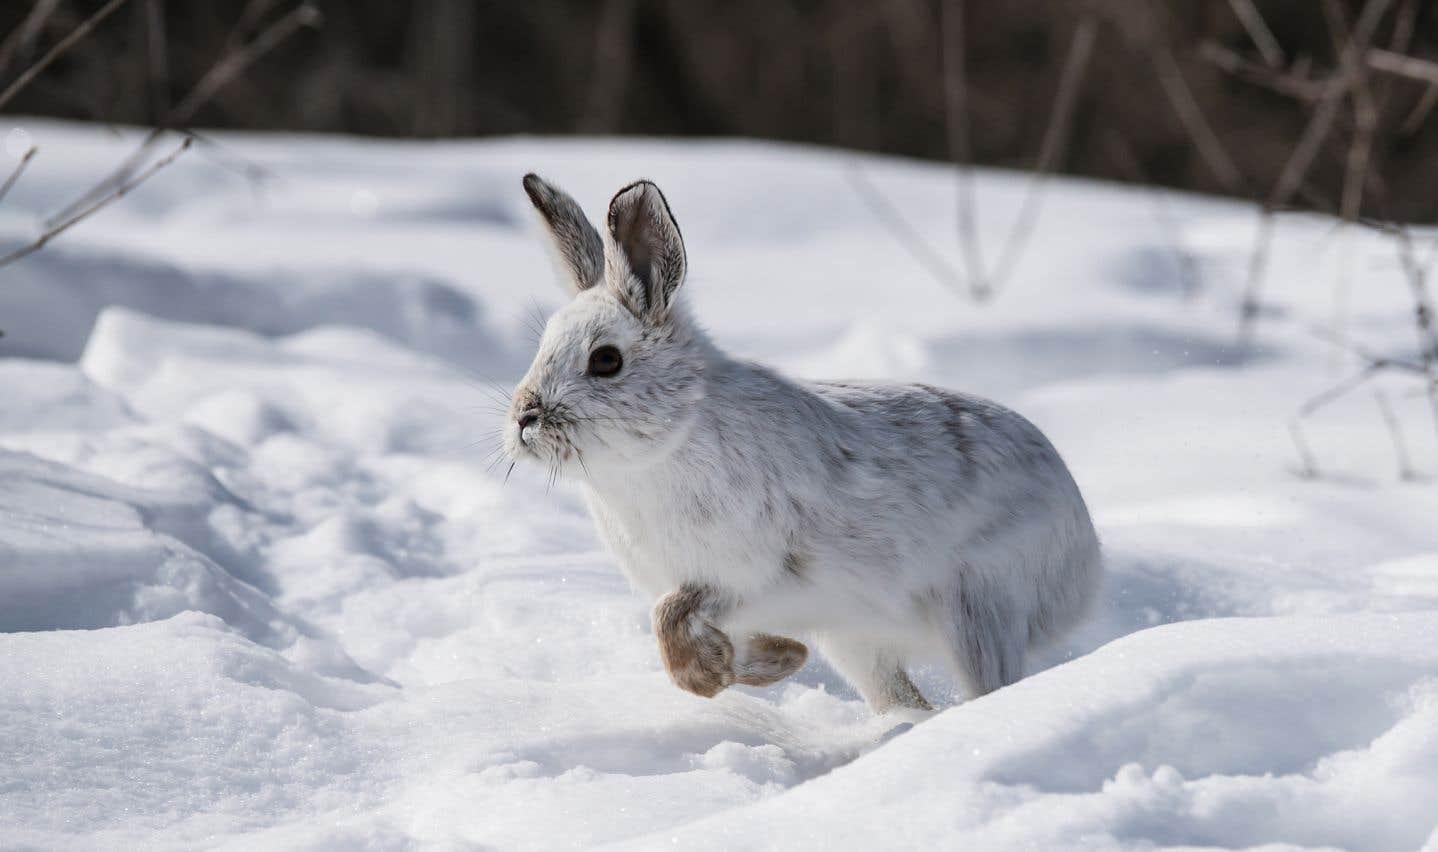 «La survie de [plusieurs] espèces dépend directement de l'efficacité de leur camouflage», assure le biologiste américain L. Scott Mills, de l'Université du Montana.